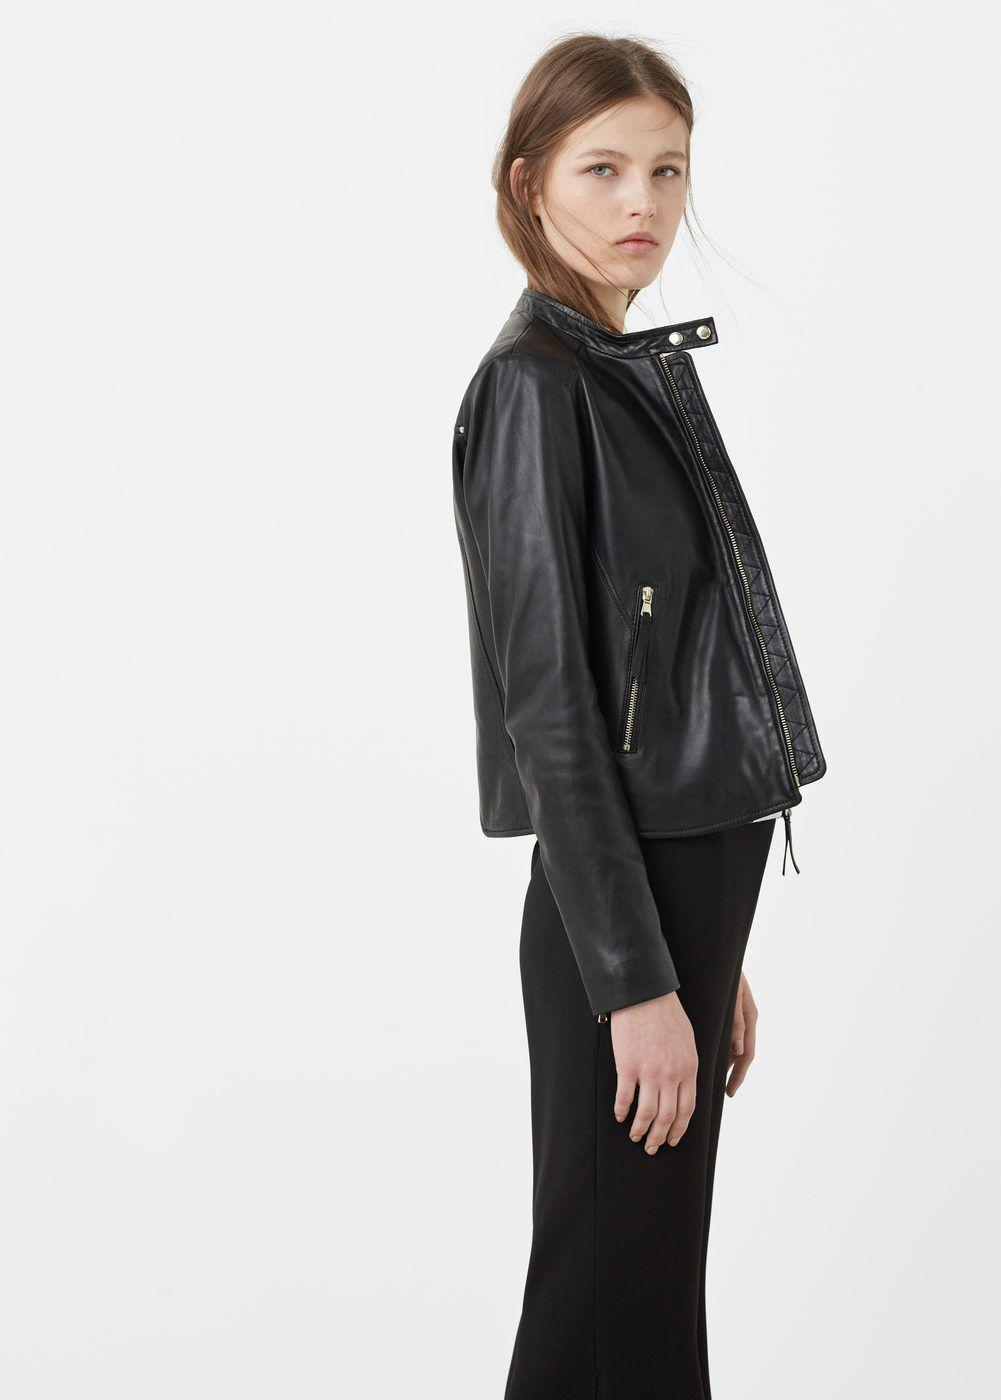 Zip Leather Jacket Women Mango Usa Zipped Leather Jacket Leather Jackets Women Jackets [ 1400 x 1001 Pixel ]